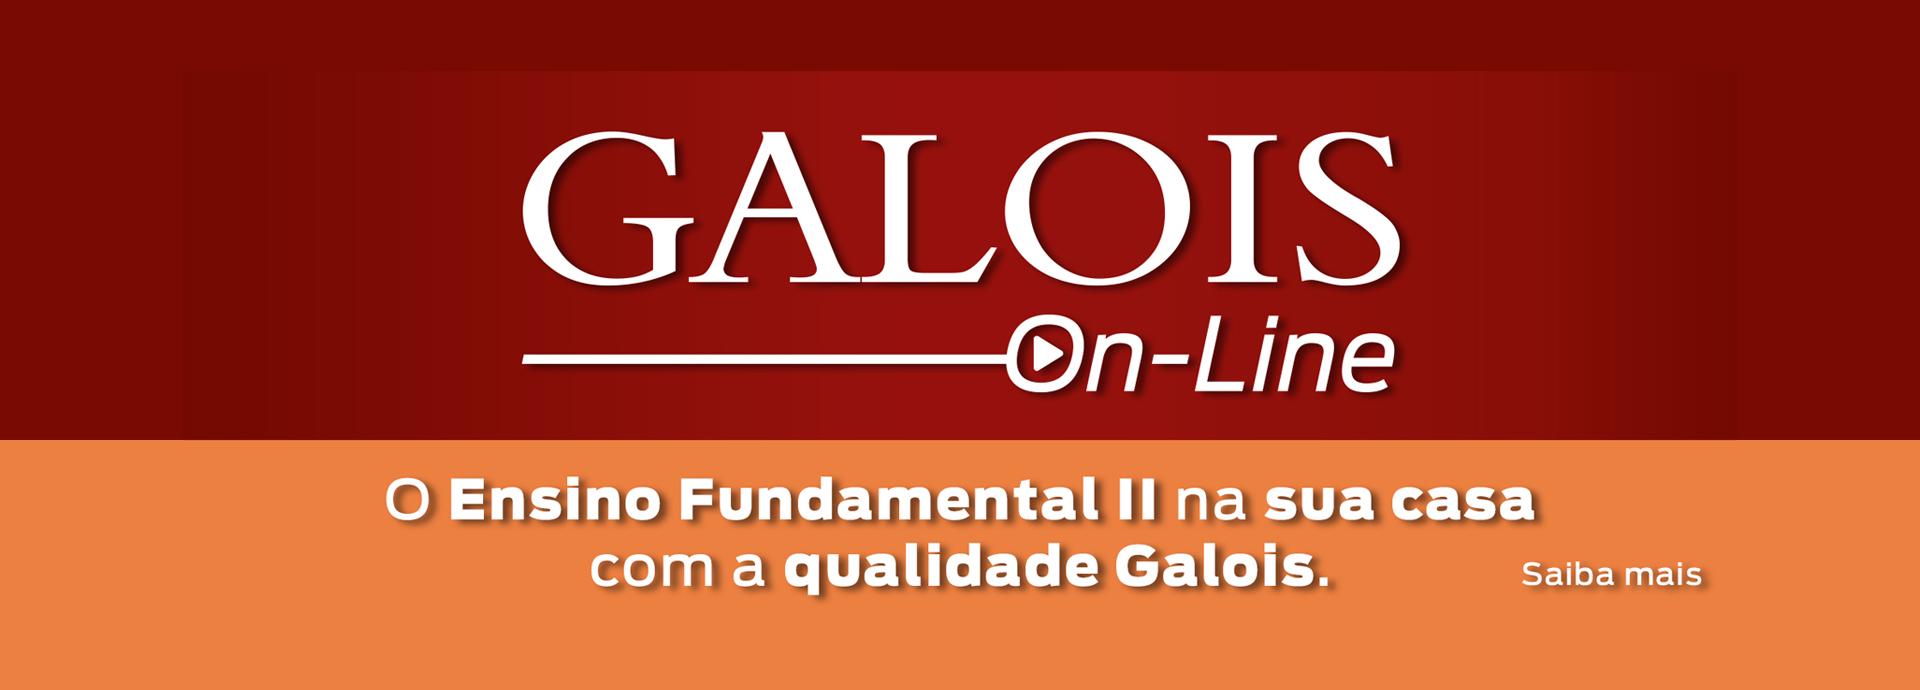 Galois on-line (fundamental II)